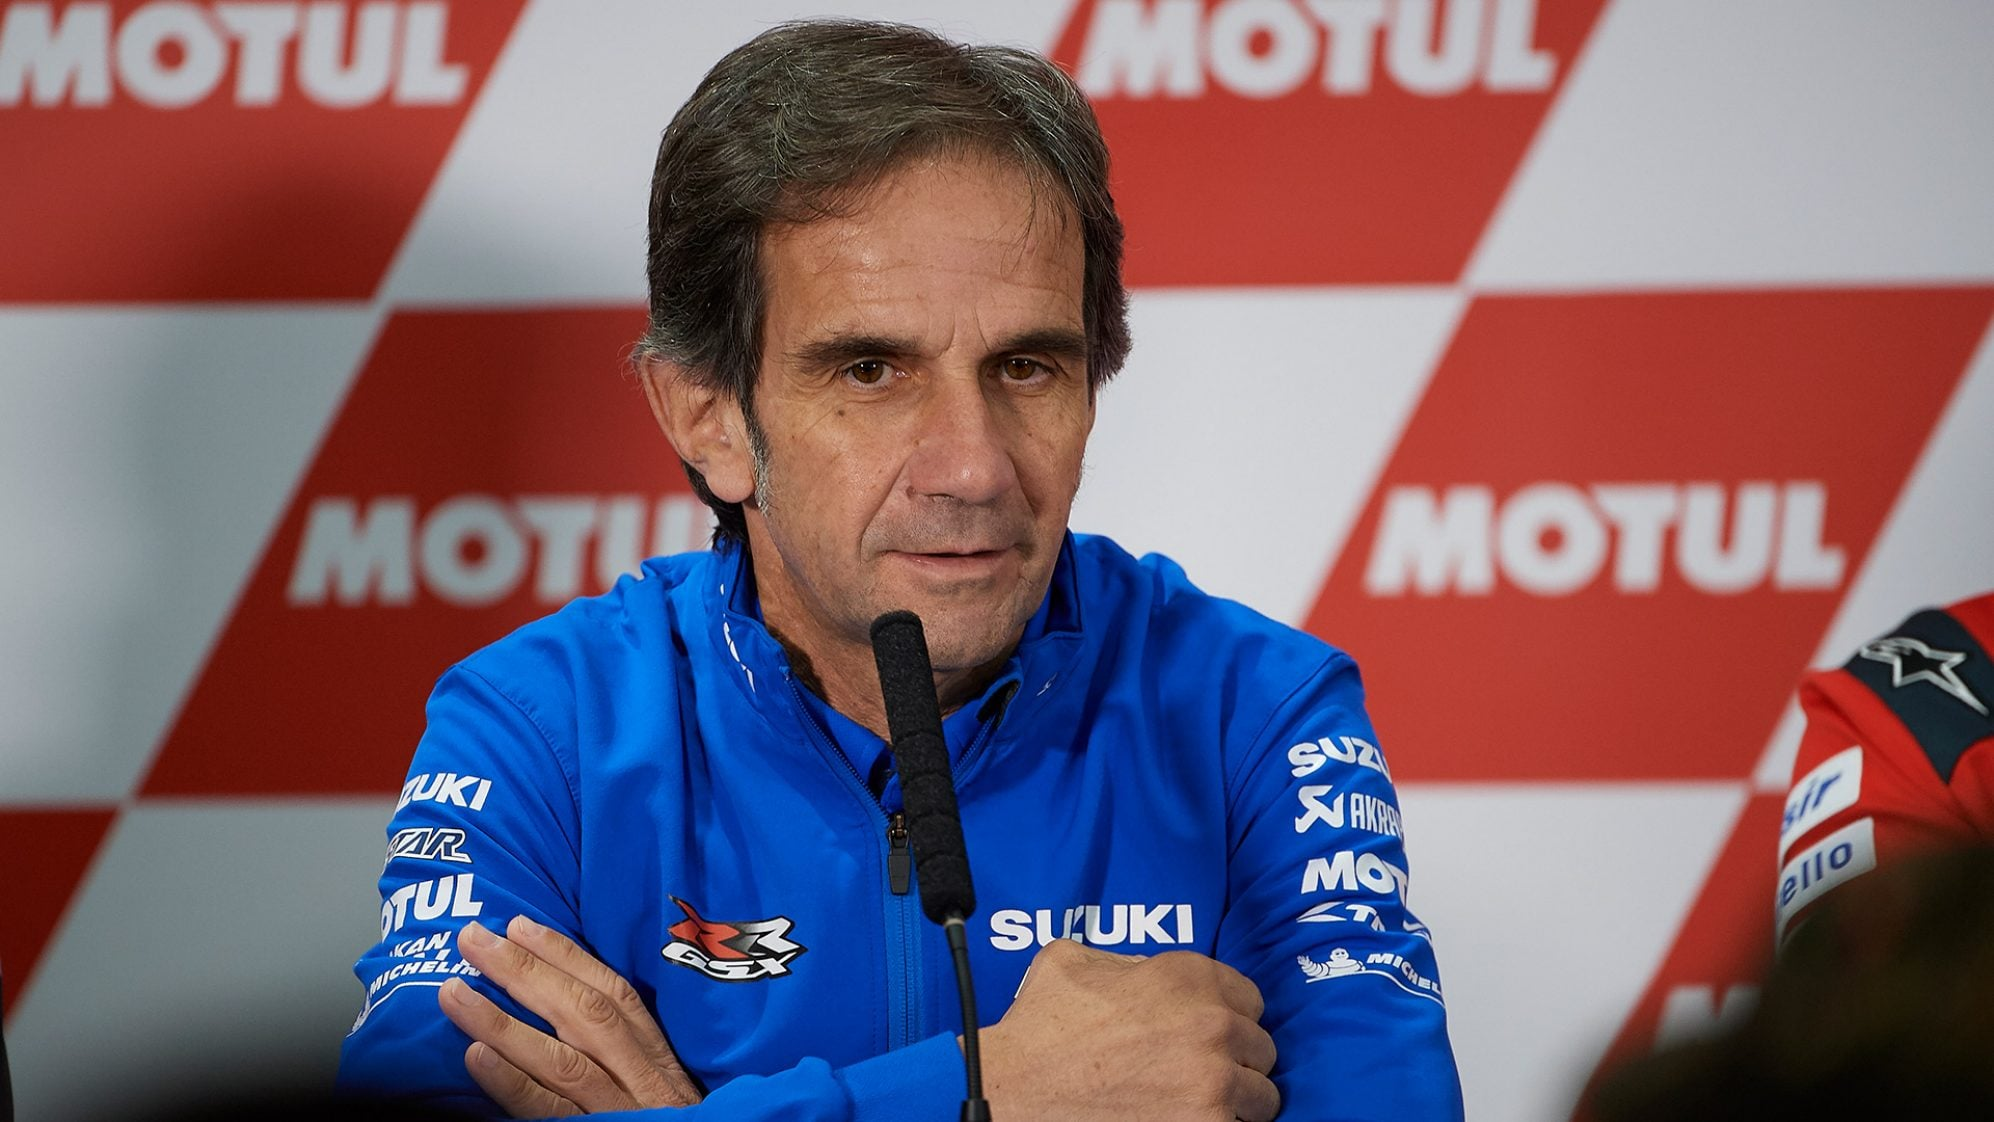 Davide Brivio Alpine F1 Team